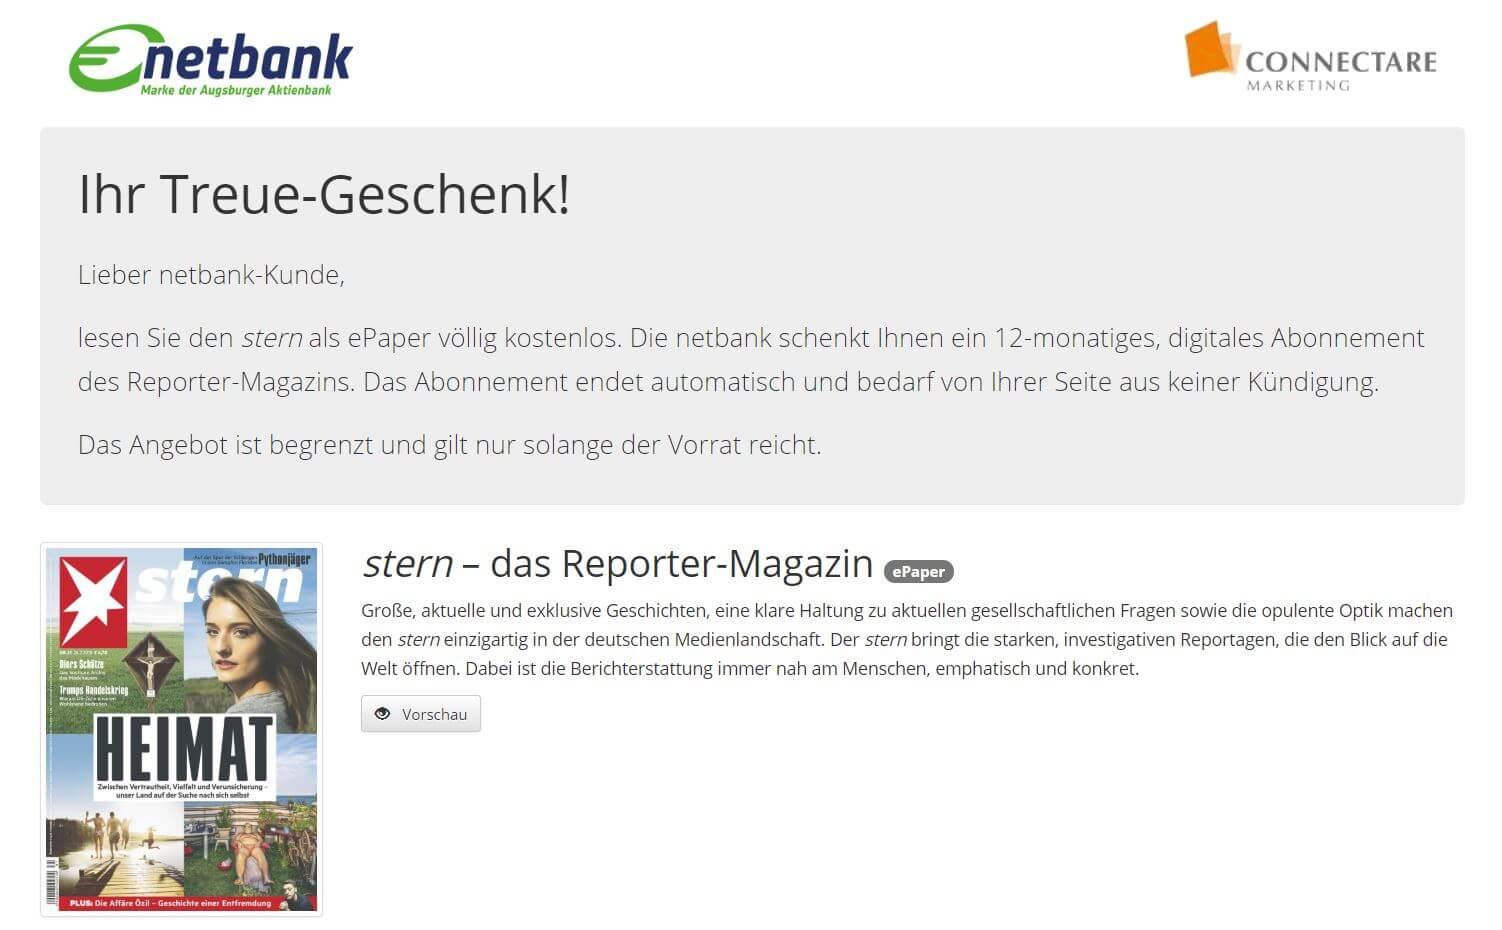 Kostenloses Stern Digital 12 Monats Abo im Online Kiosk von Netbank